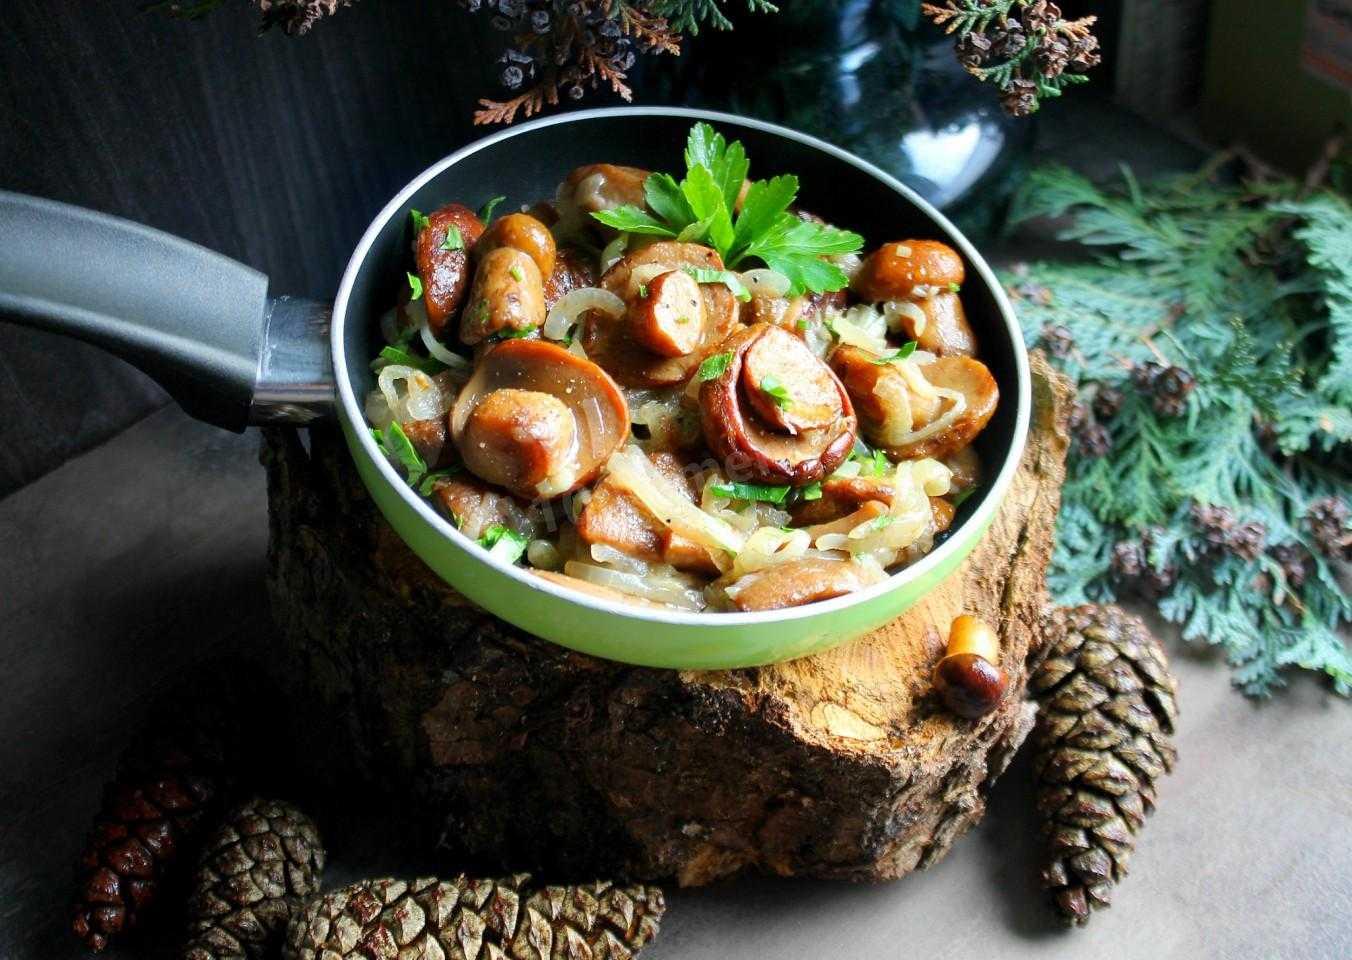 Жареные грибы маслята: лучшие рецепты с луком, картошкой, сметаной, сыром, без варки, на зиму. на каком масле жарить маслята? как и сколько варить грибы маслята перед жаркой по времени?